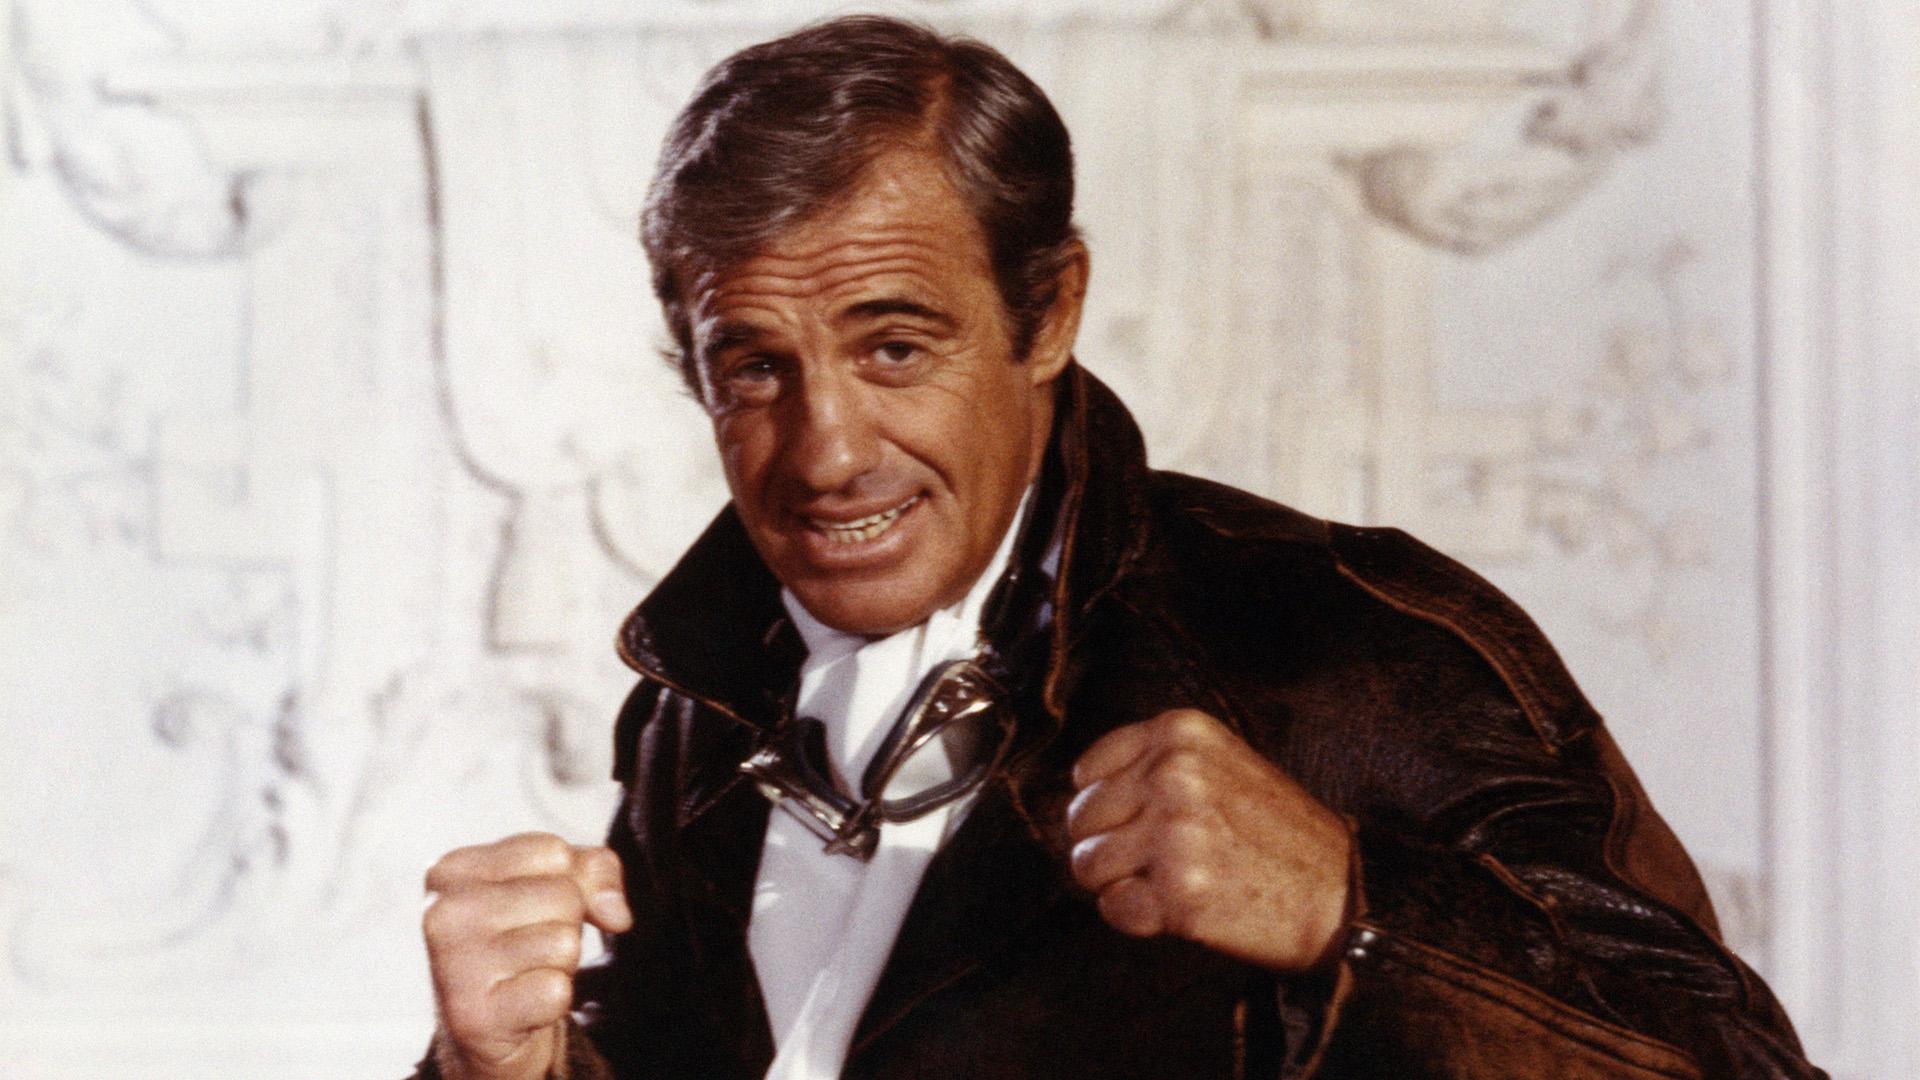 Jean-Paul Belmondo kaszakdrőnek is kiváló volt